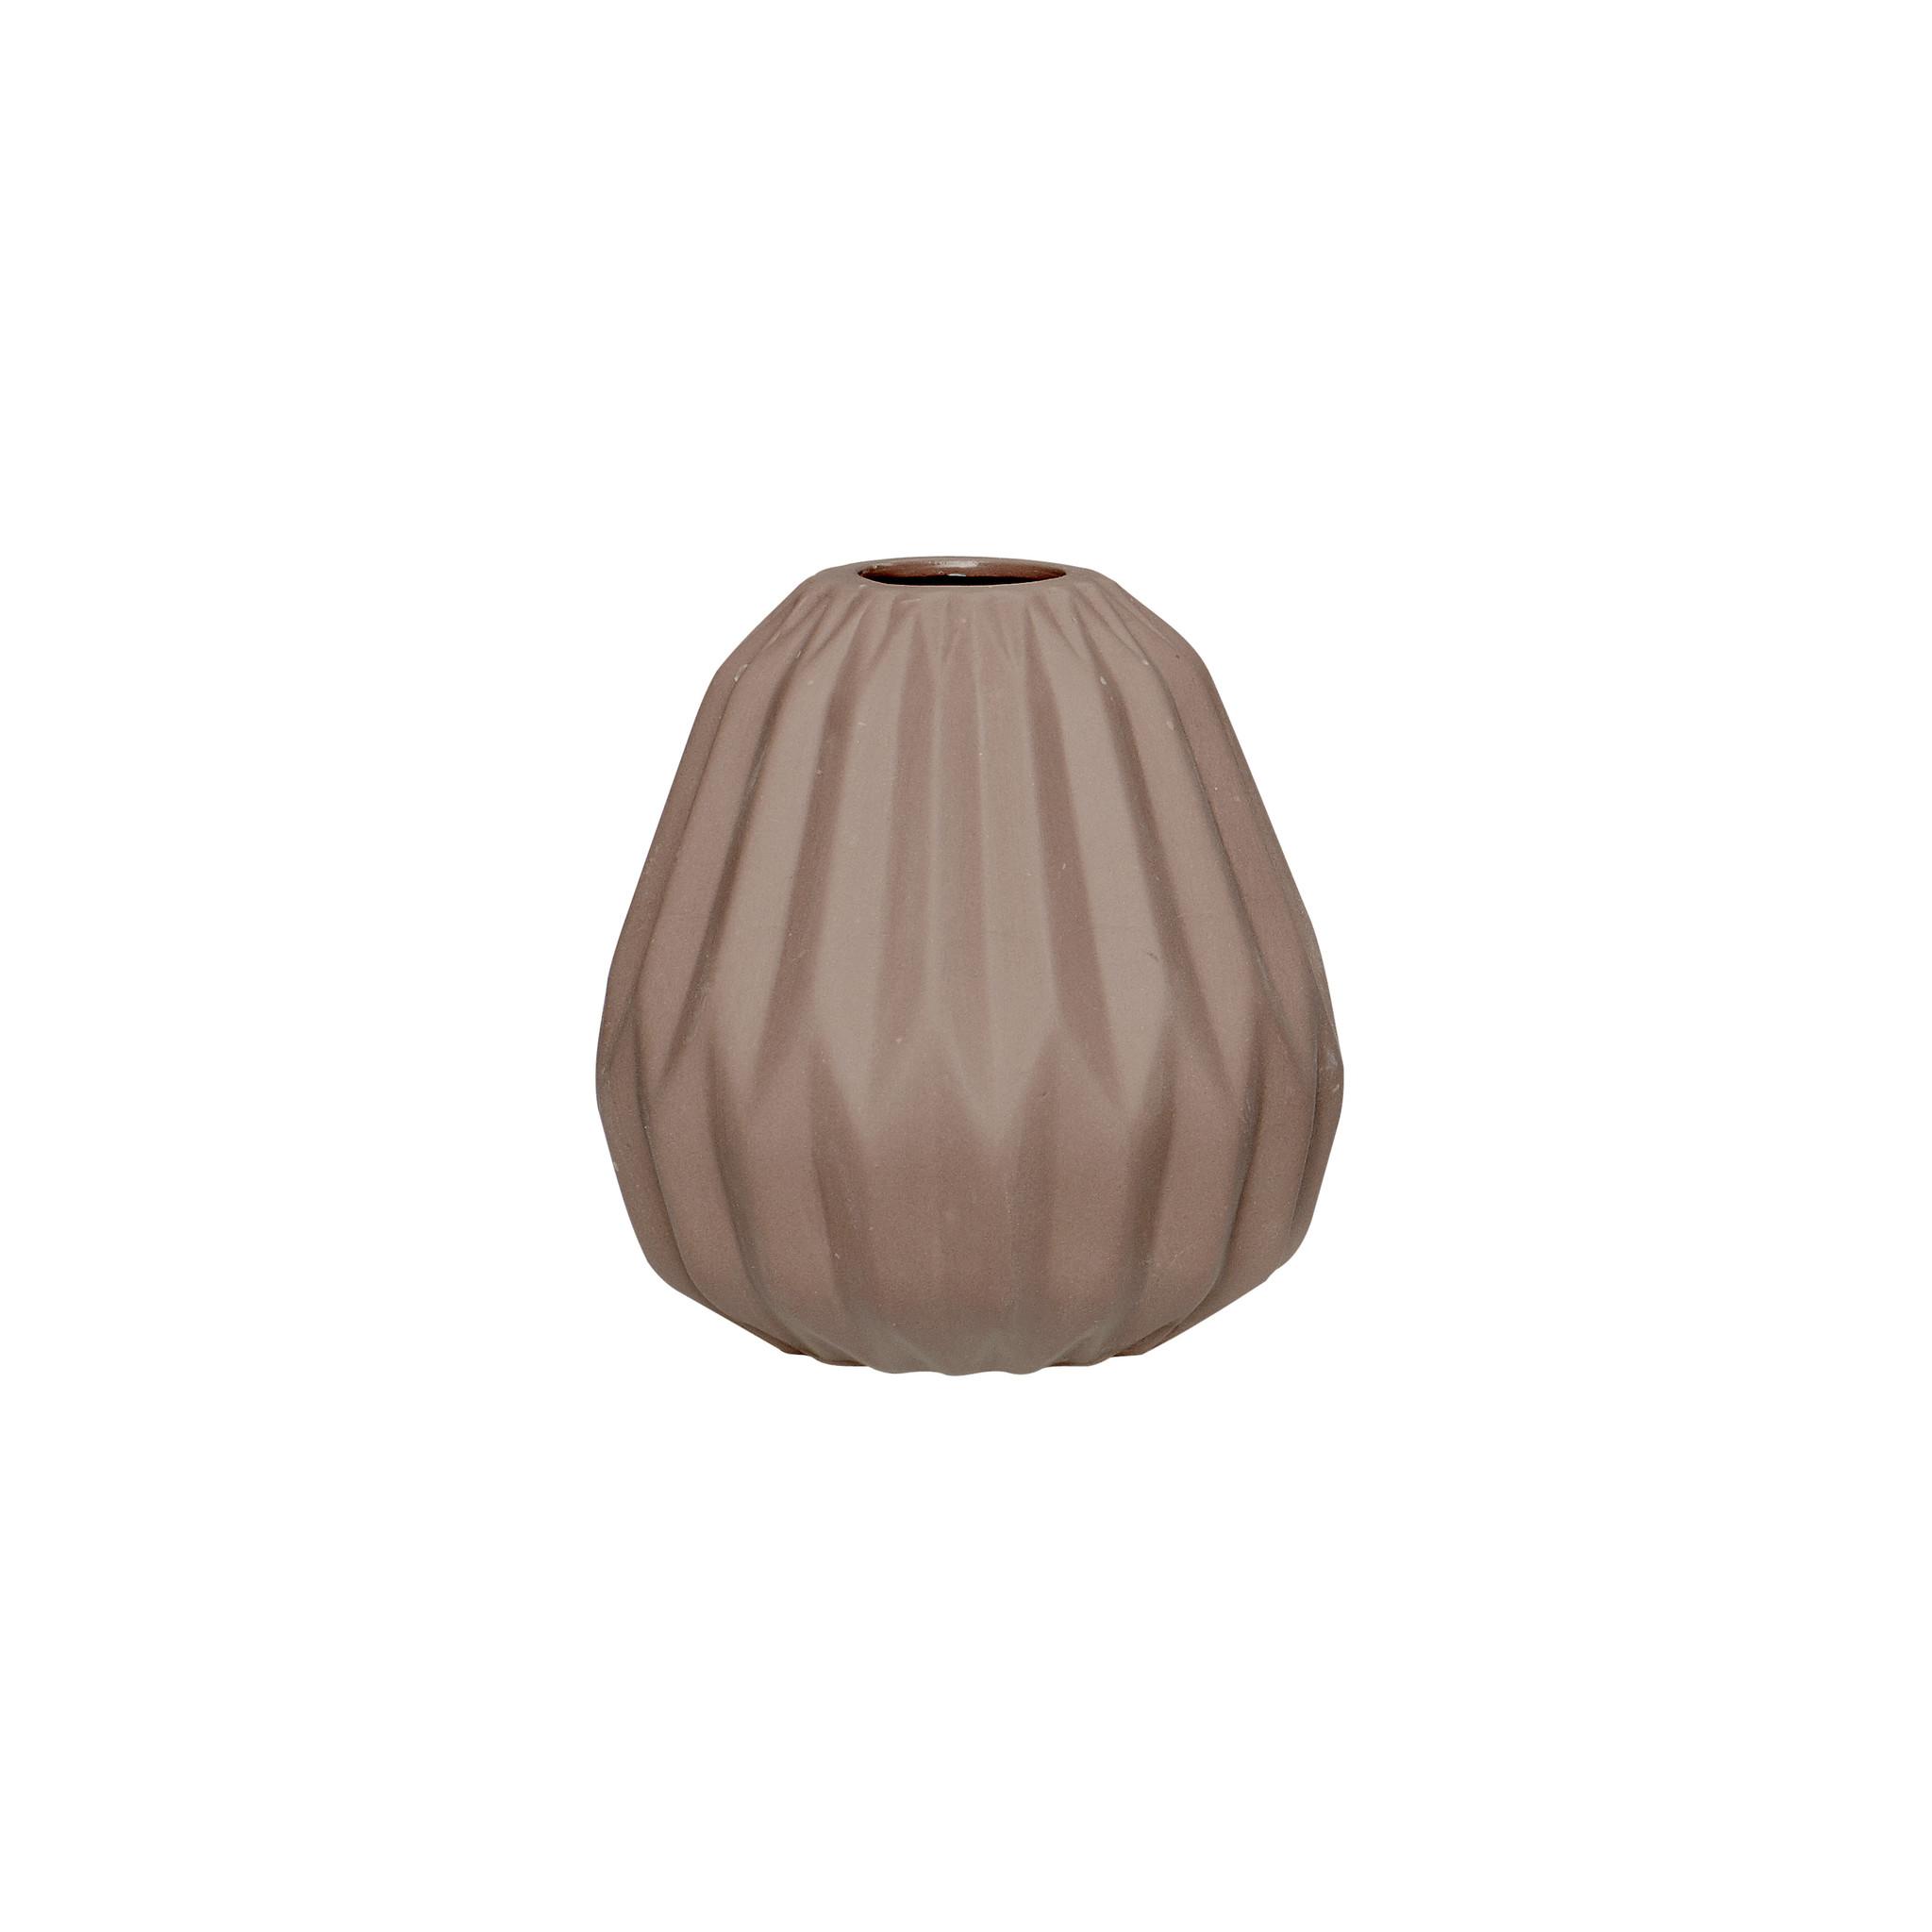 Hubsch Vaas met groeven, keramiek, bruin, klein